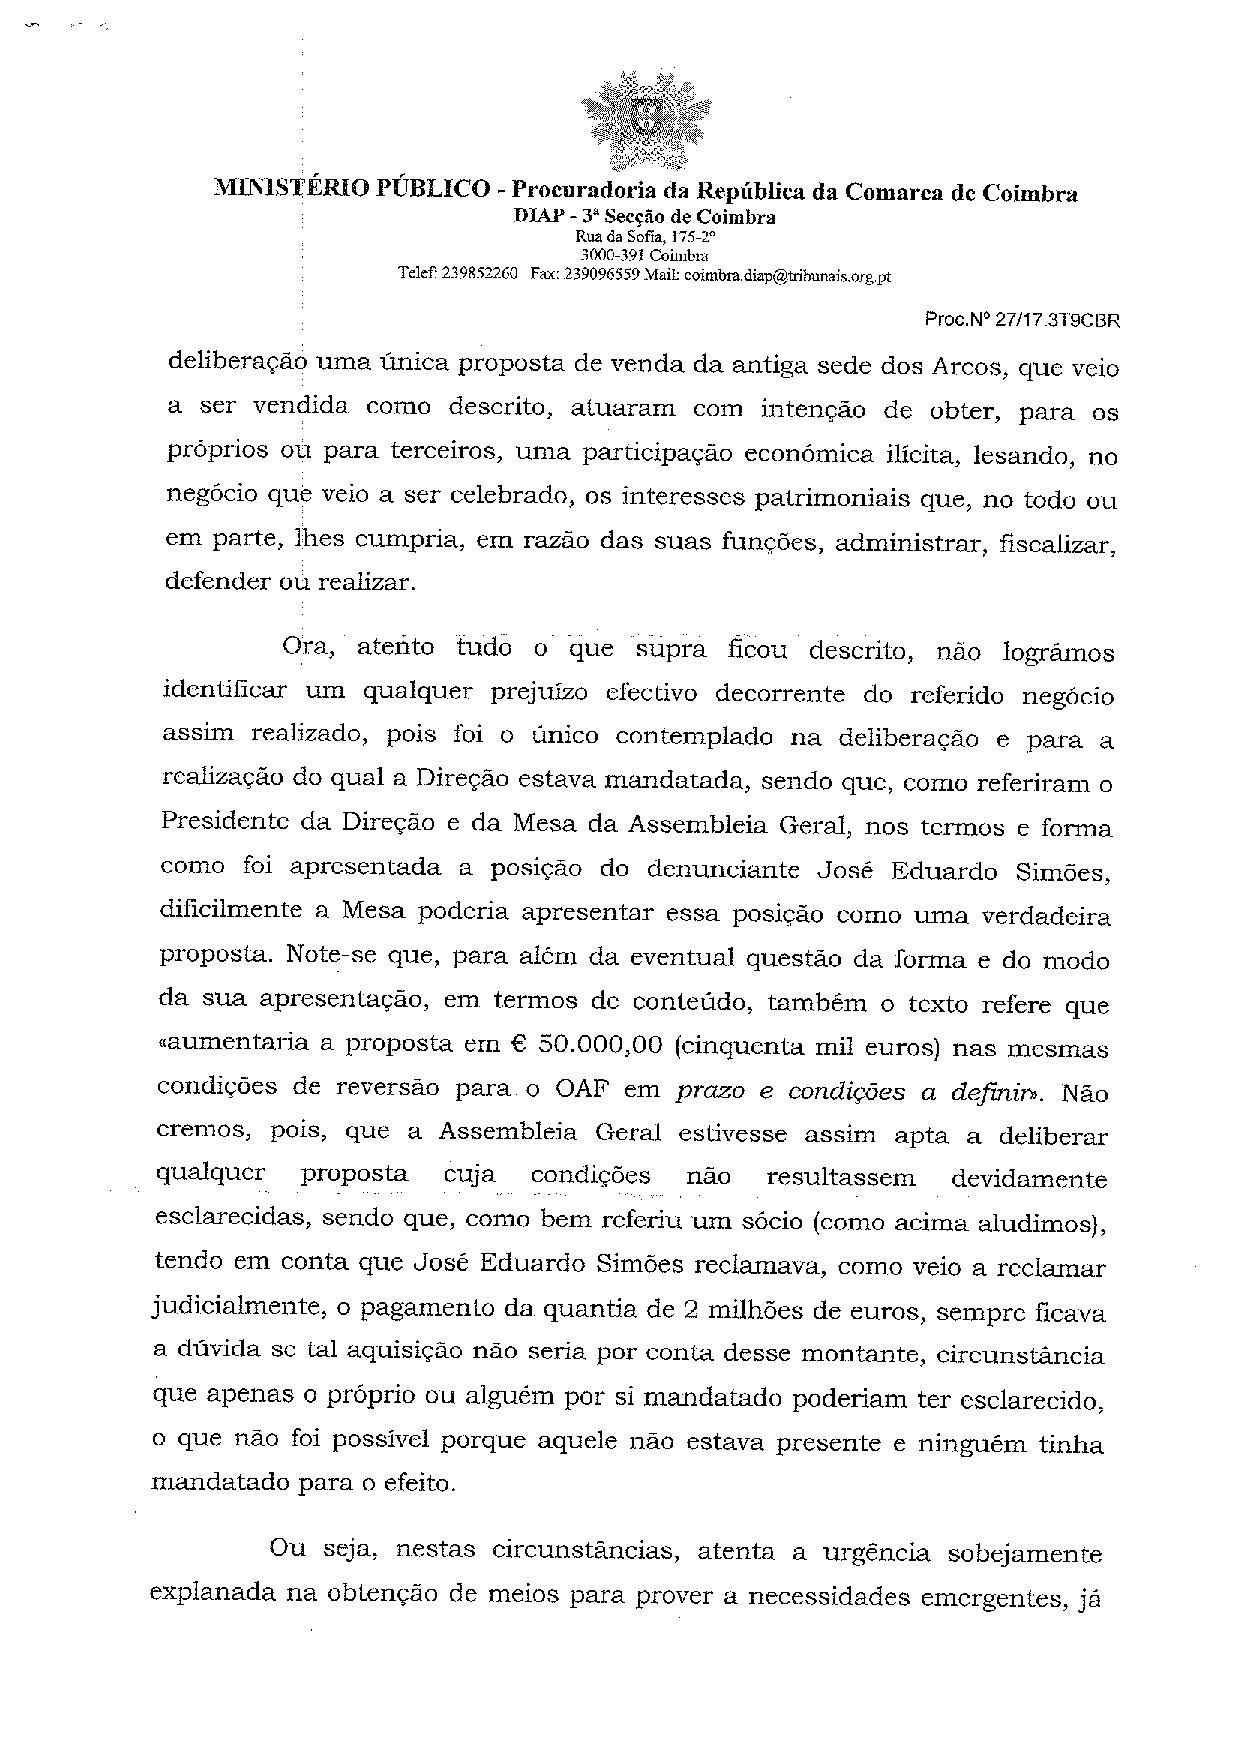 ACA-page-026